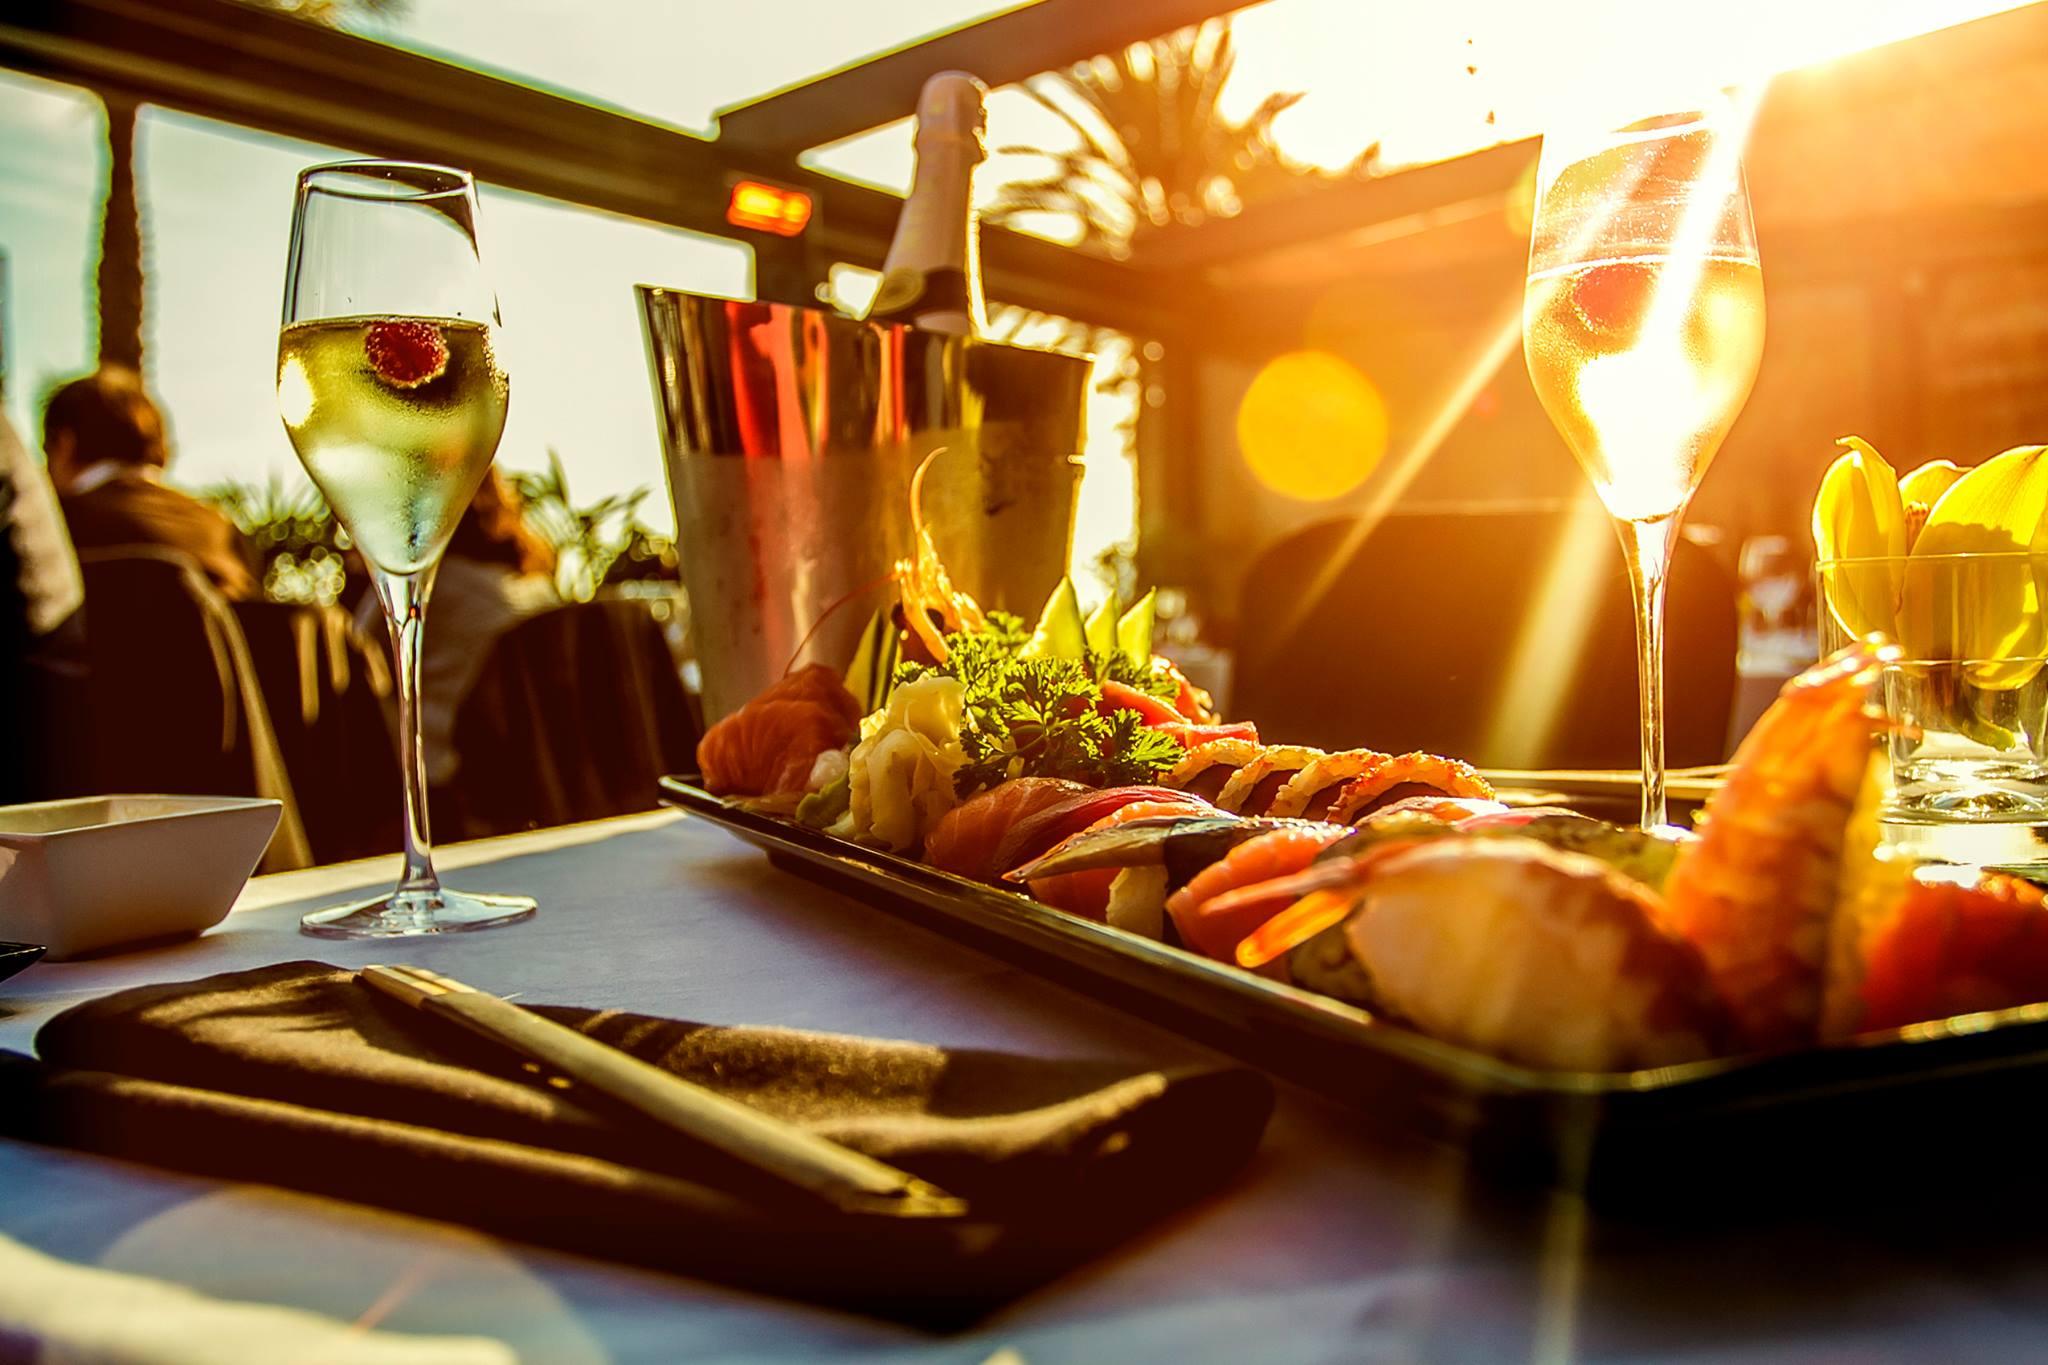 un vassoio con del sushi e dei bicchieri di vino bianco